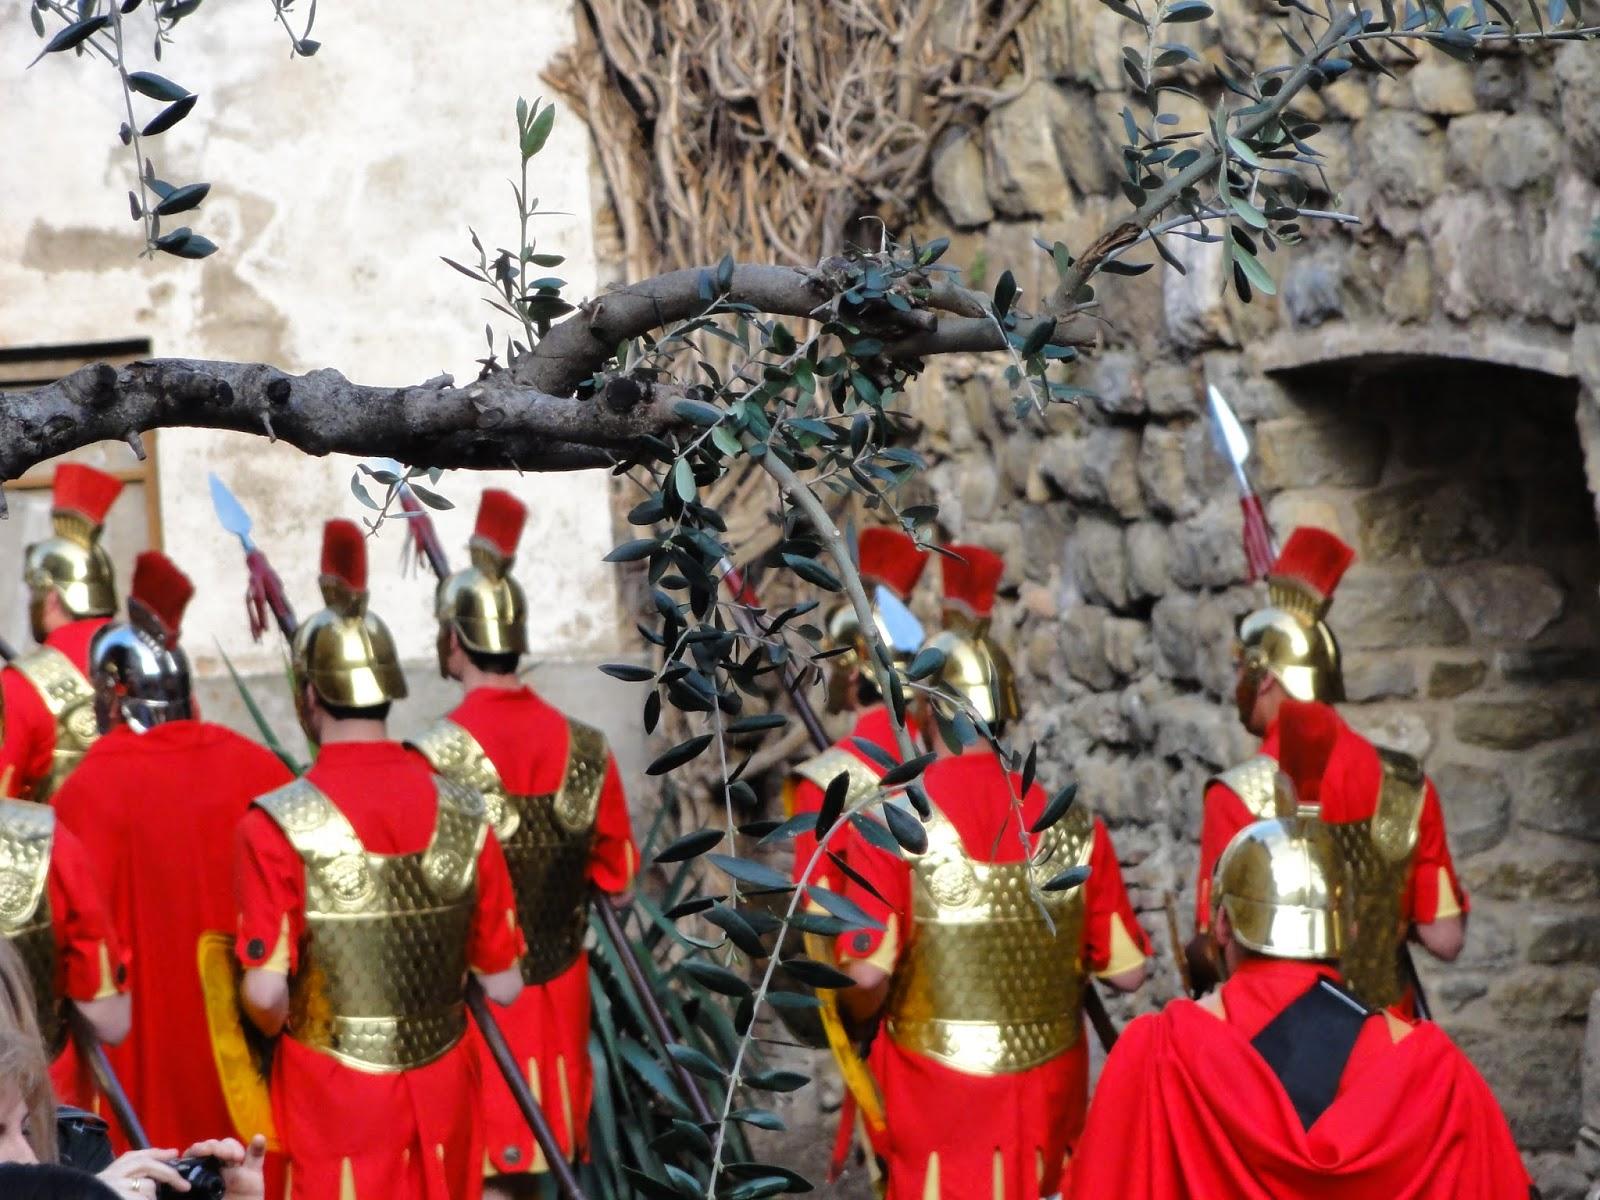 legió romana